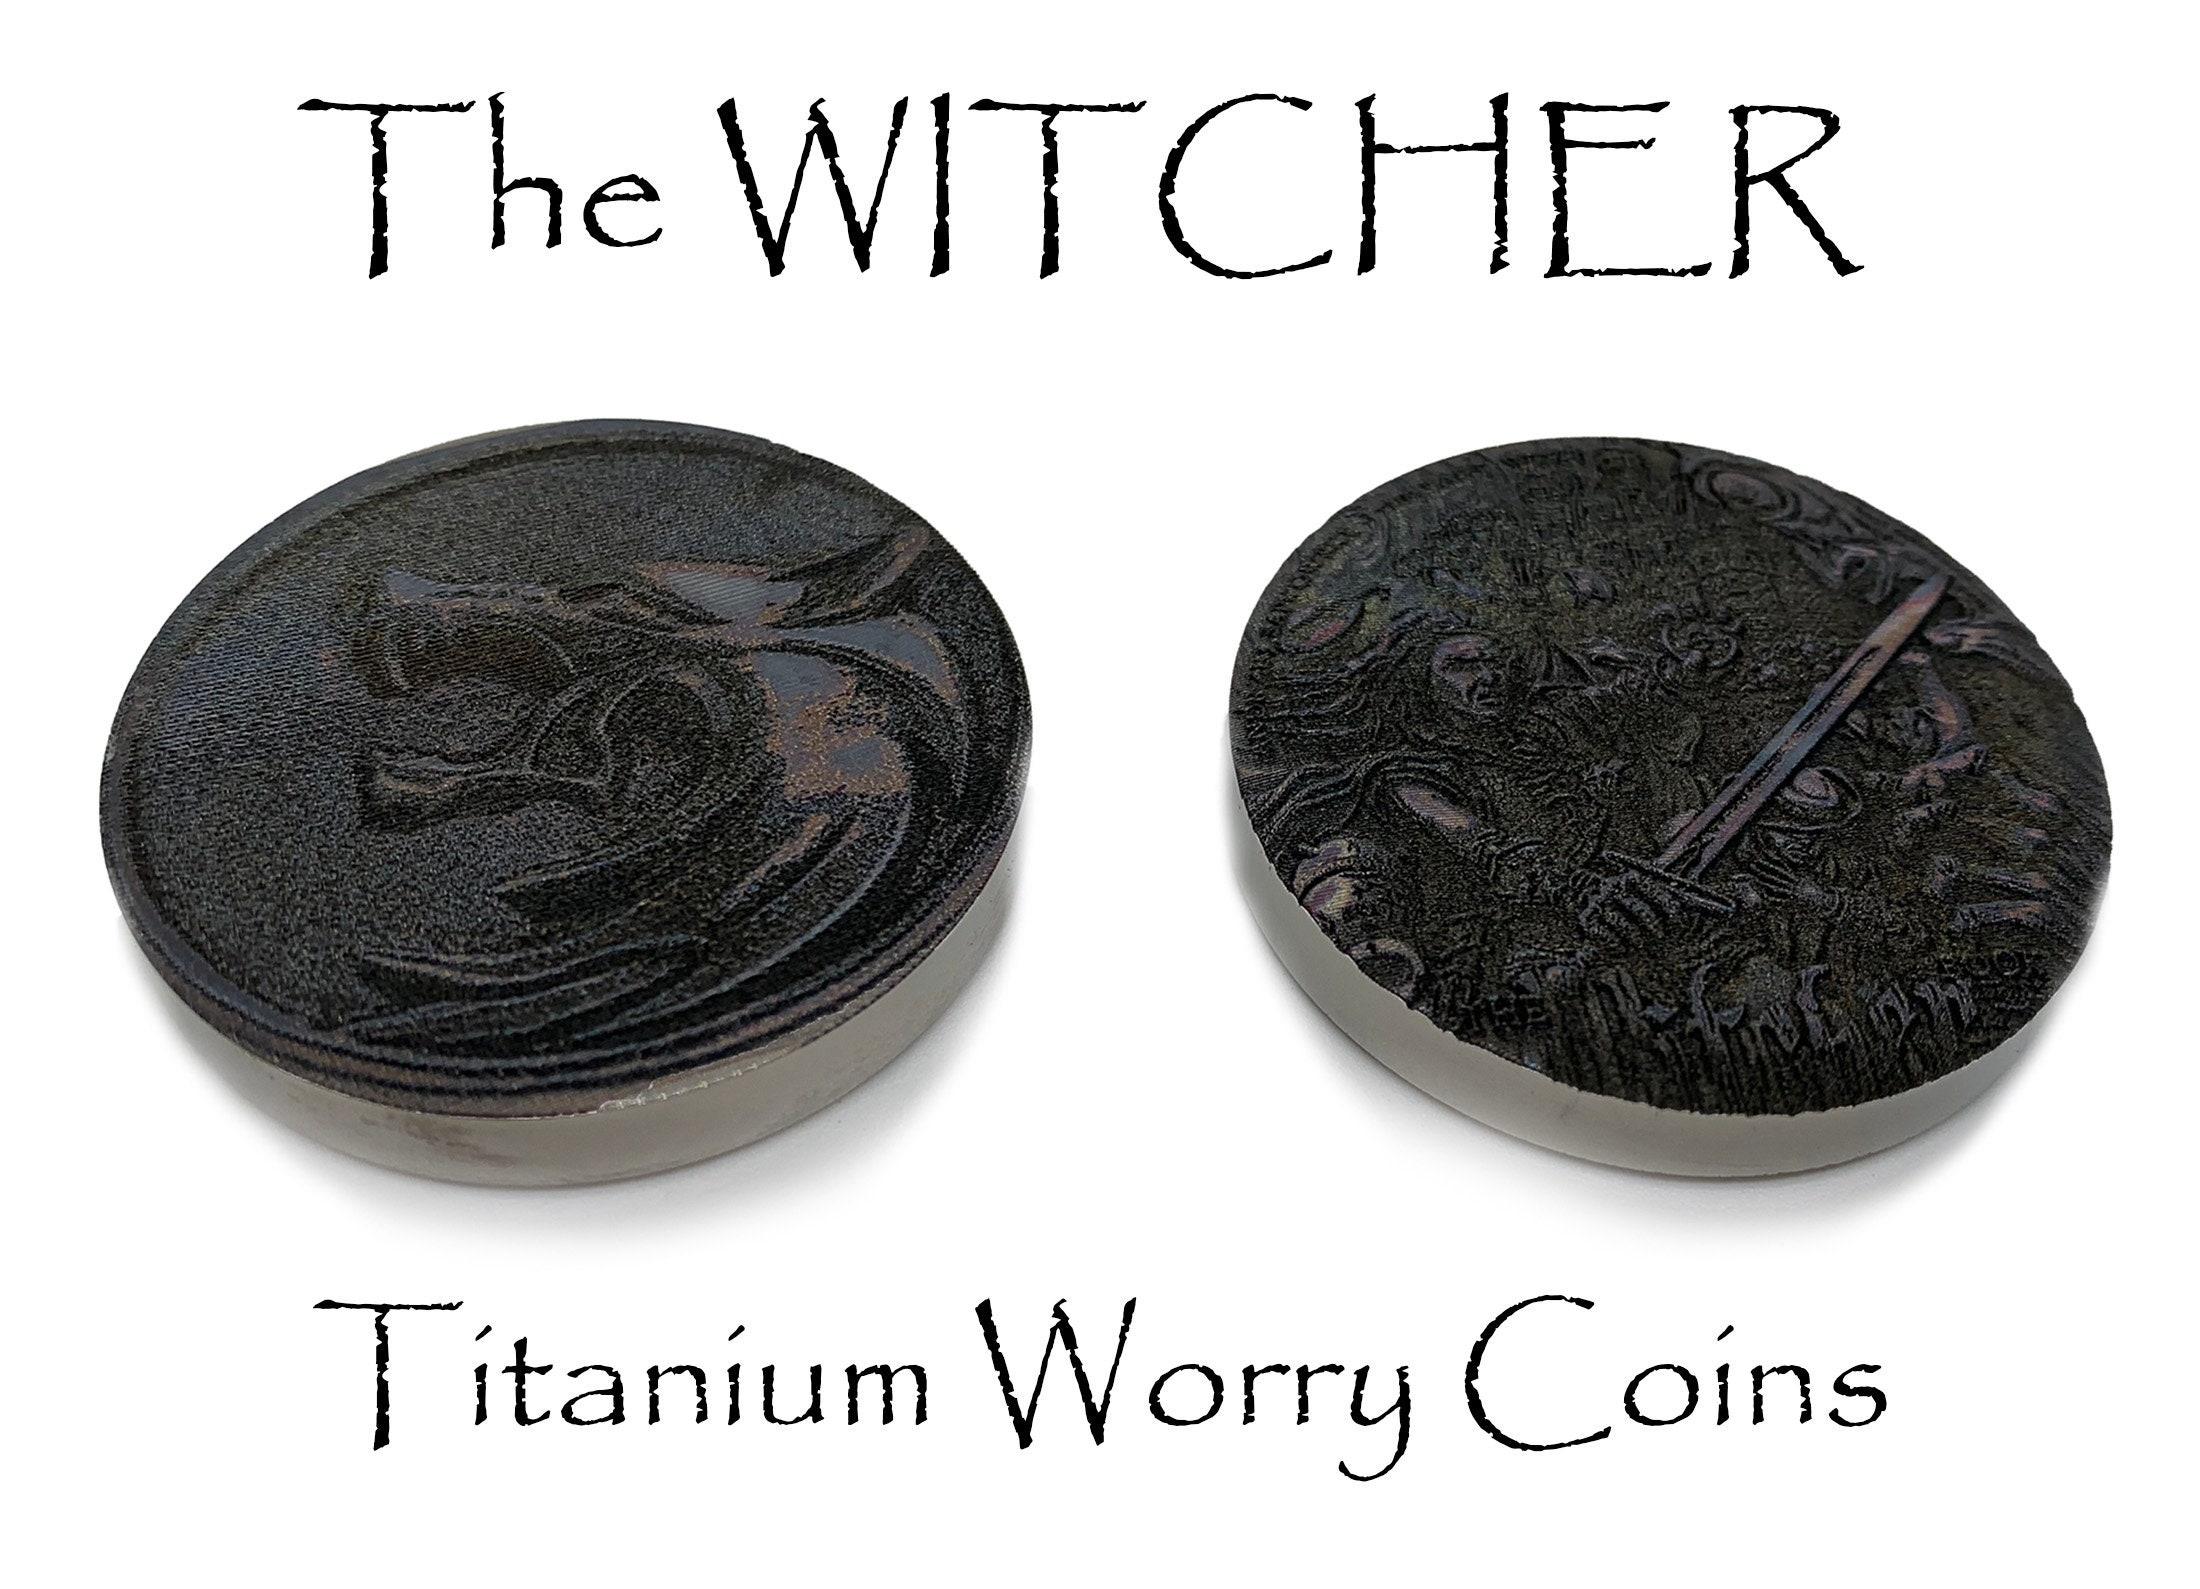 The WITCHER Titanium Sorgenmünzen Angstrelief 20 zum Preis von 20 The Witcher  Medallion Geralt of Rivia Medaillon Medaillon MetonBoss